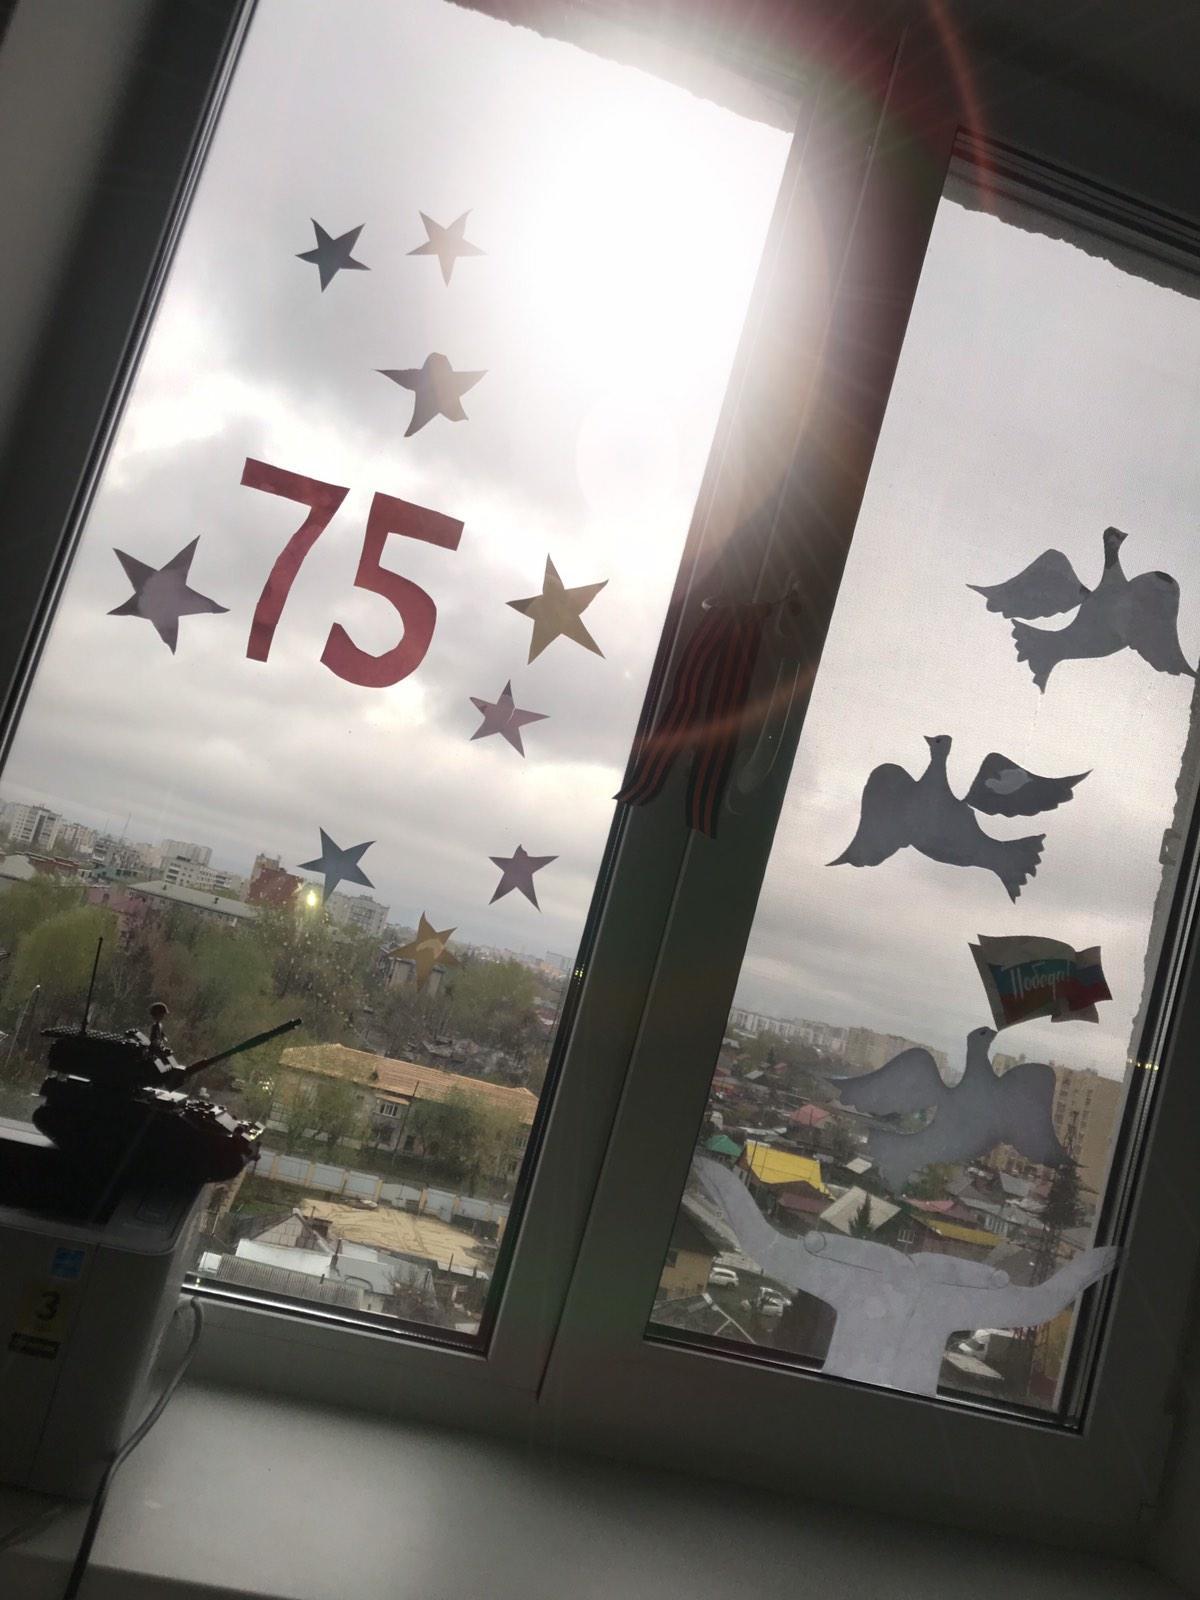 C:\Users\Галина Викторовна\Desktop\День Победы - 3 в\Окно Победы Худолеев Андрей - 3 в.jpg